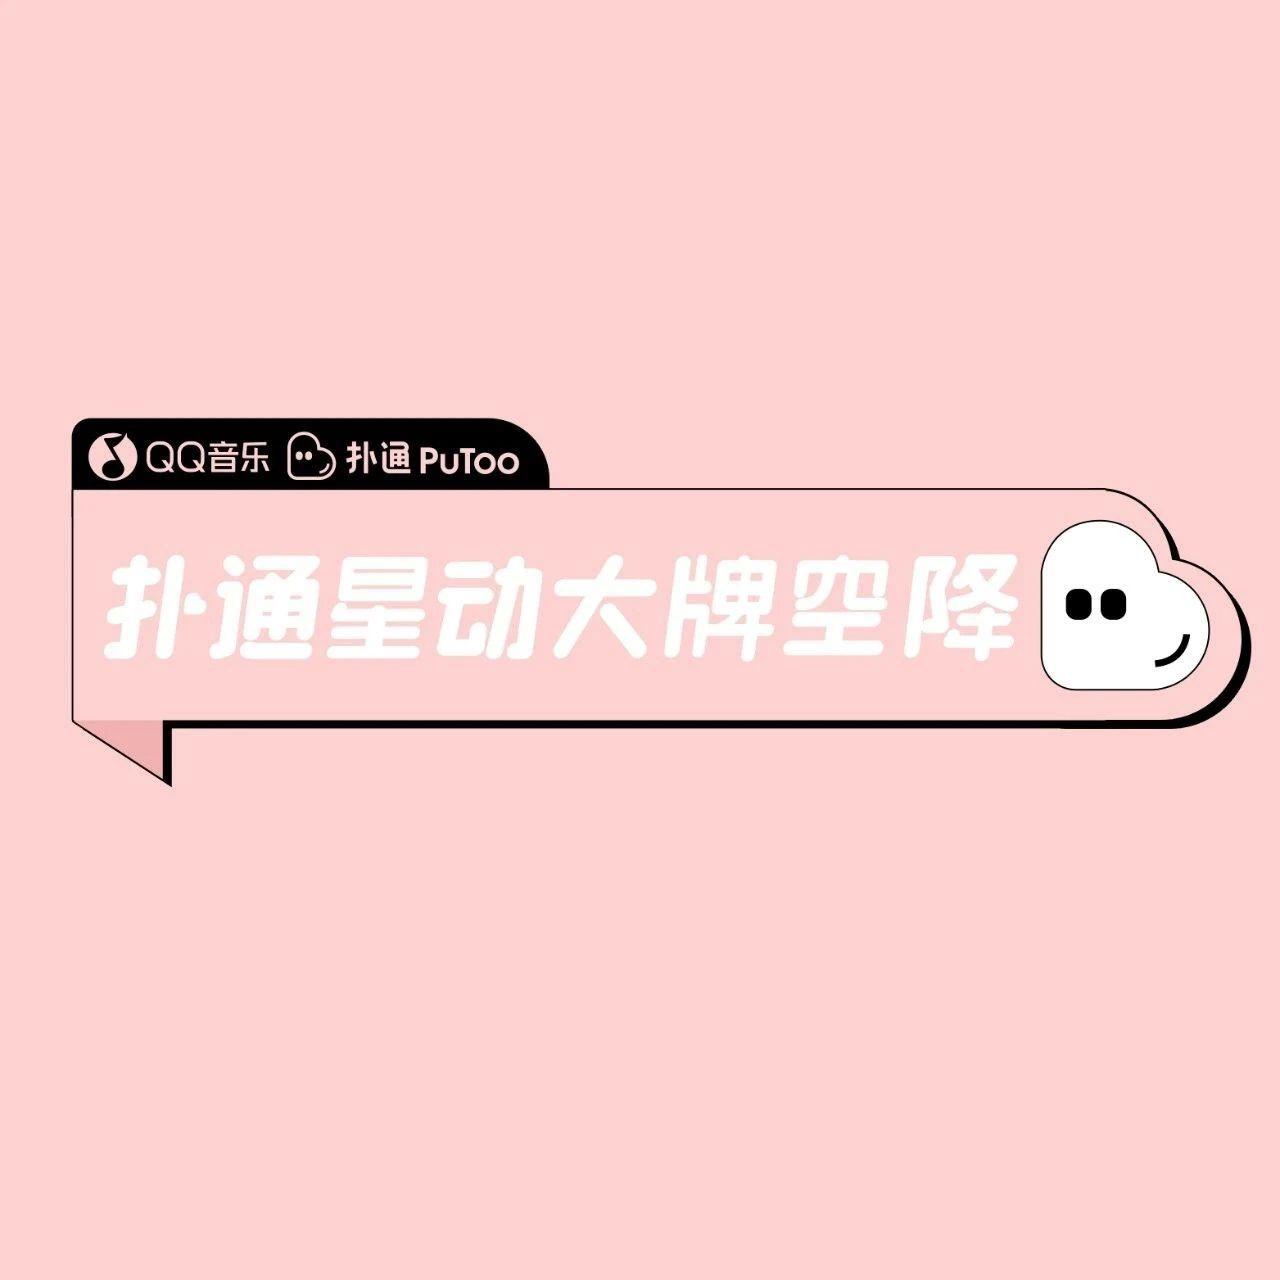 关晓彤、胡冰卿、马伯骞等艺人翻牌粉丝 |扑通社区空降一周回顾